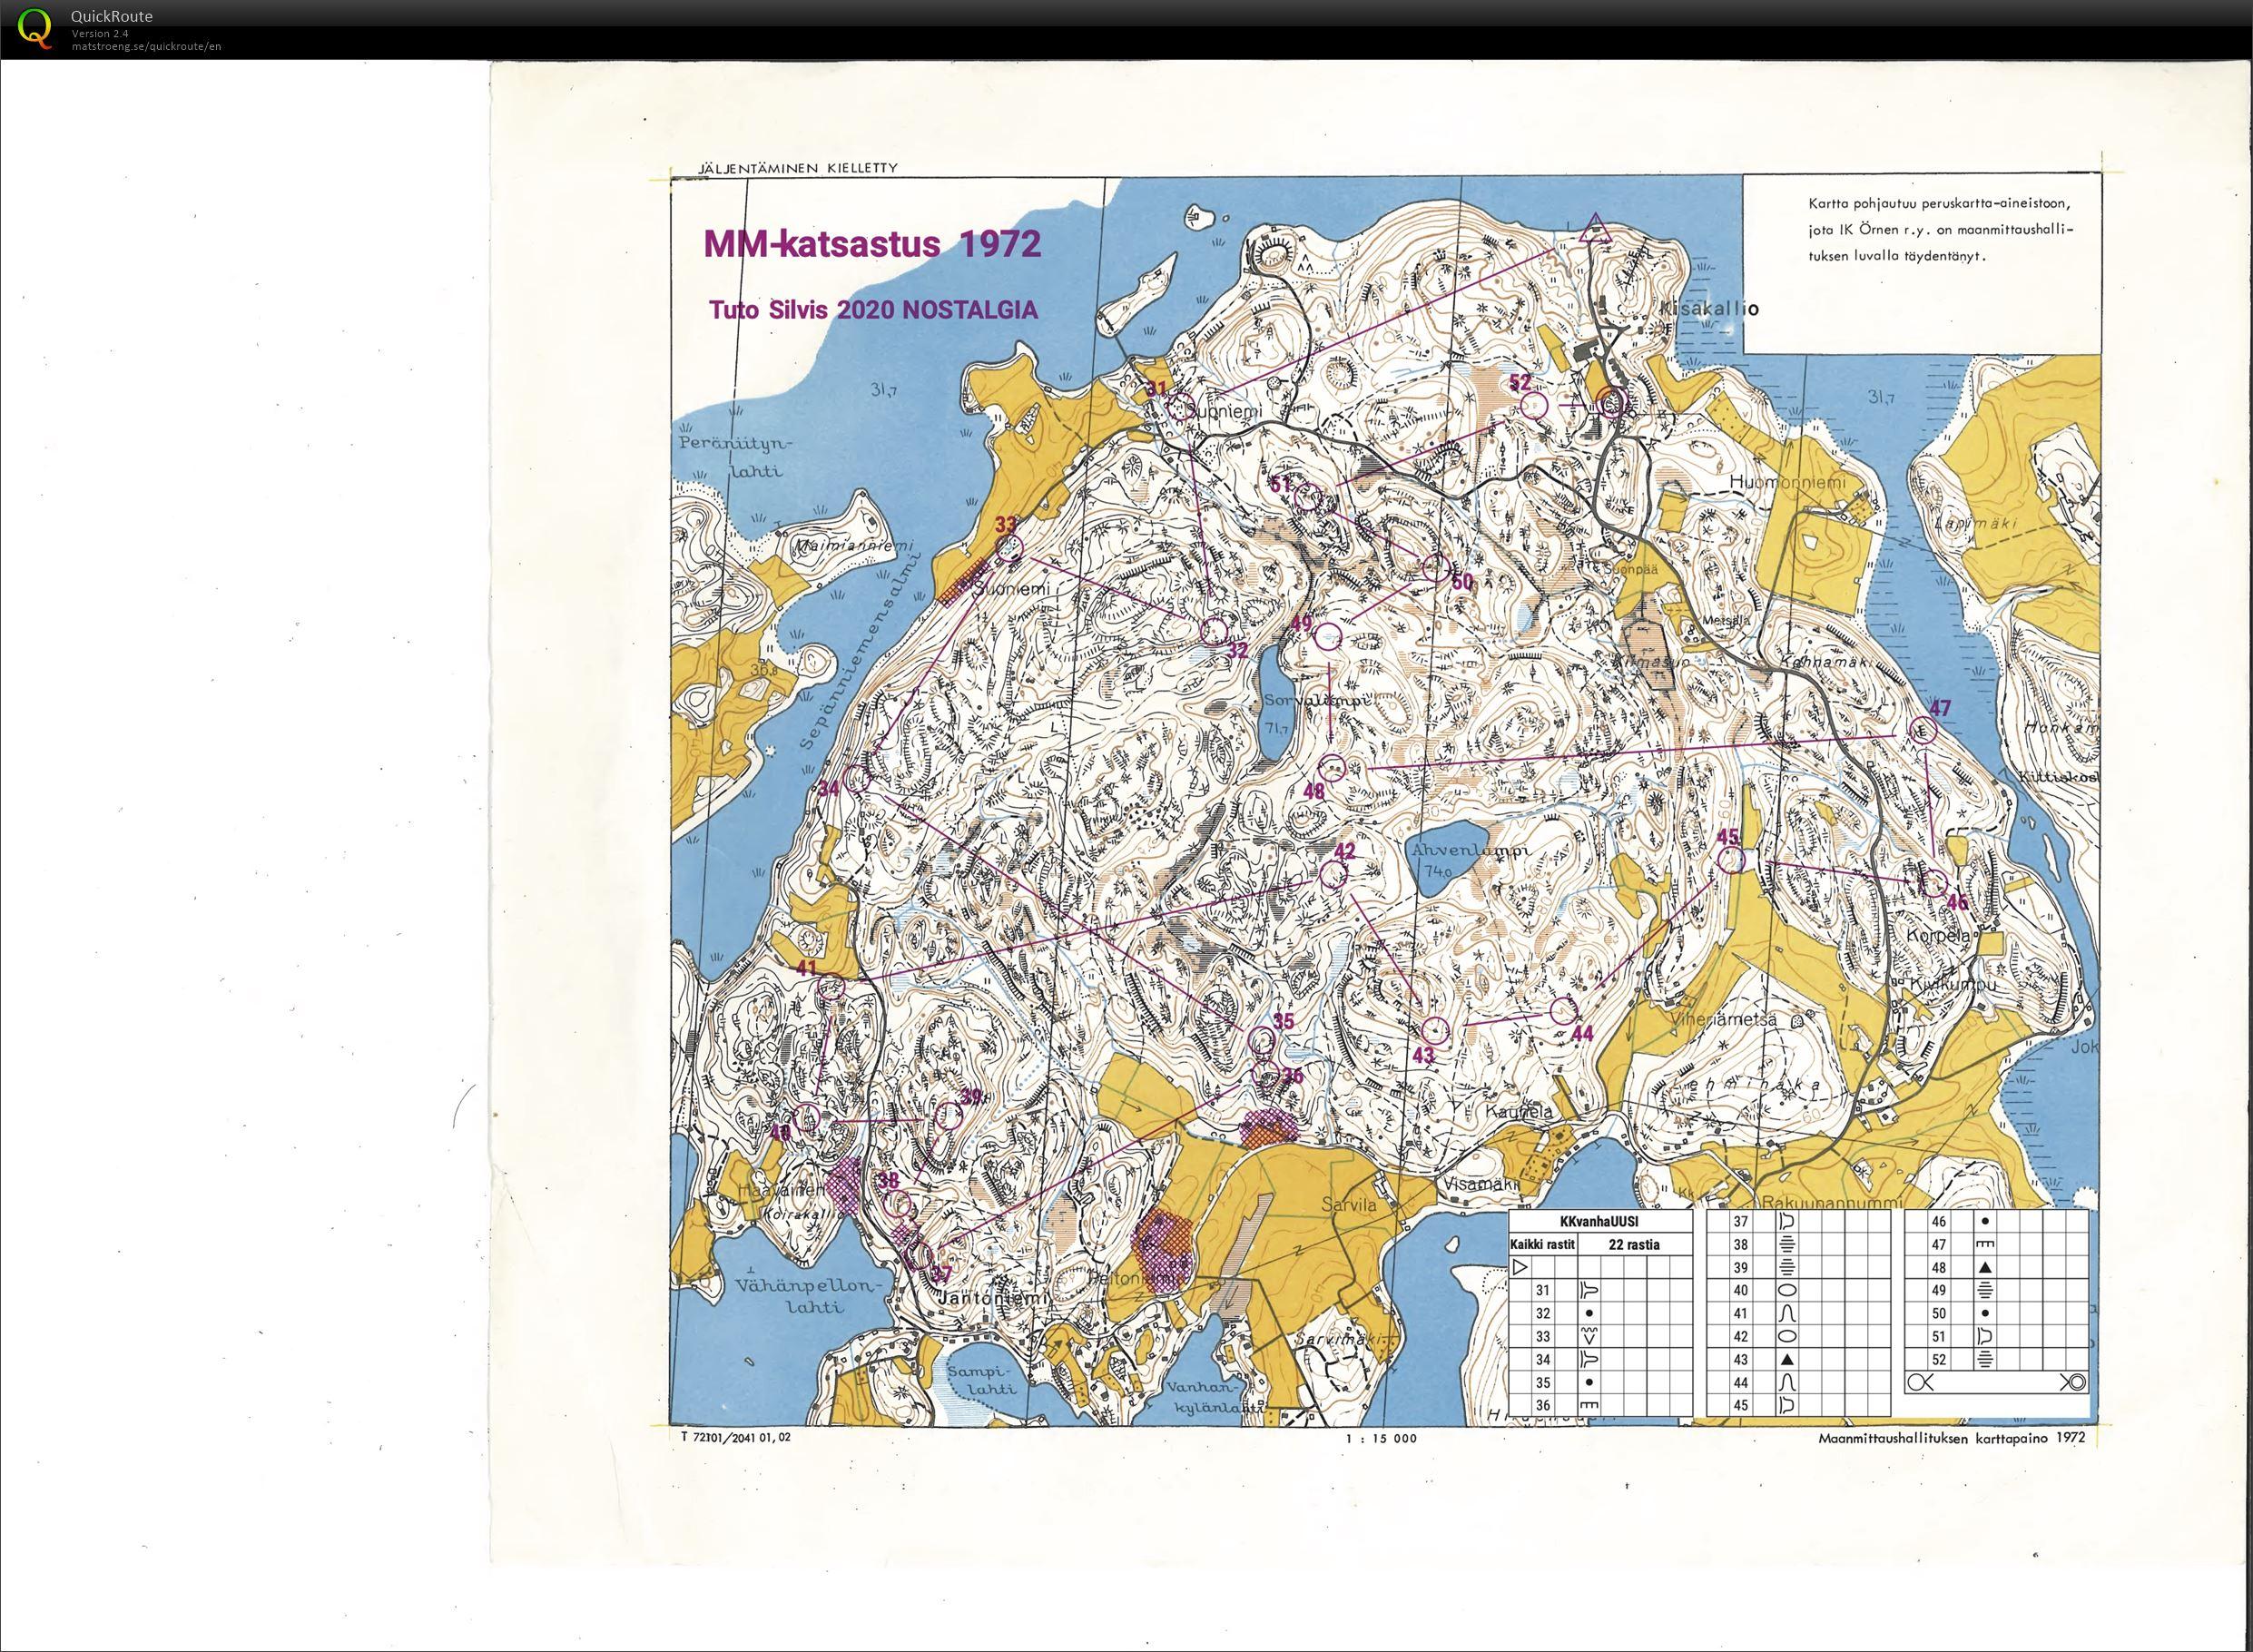 Tuto Silvis Nostalgia Kisakallio - MM-katsastus 1972 -kartta (23/05/2020)